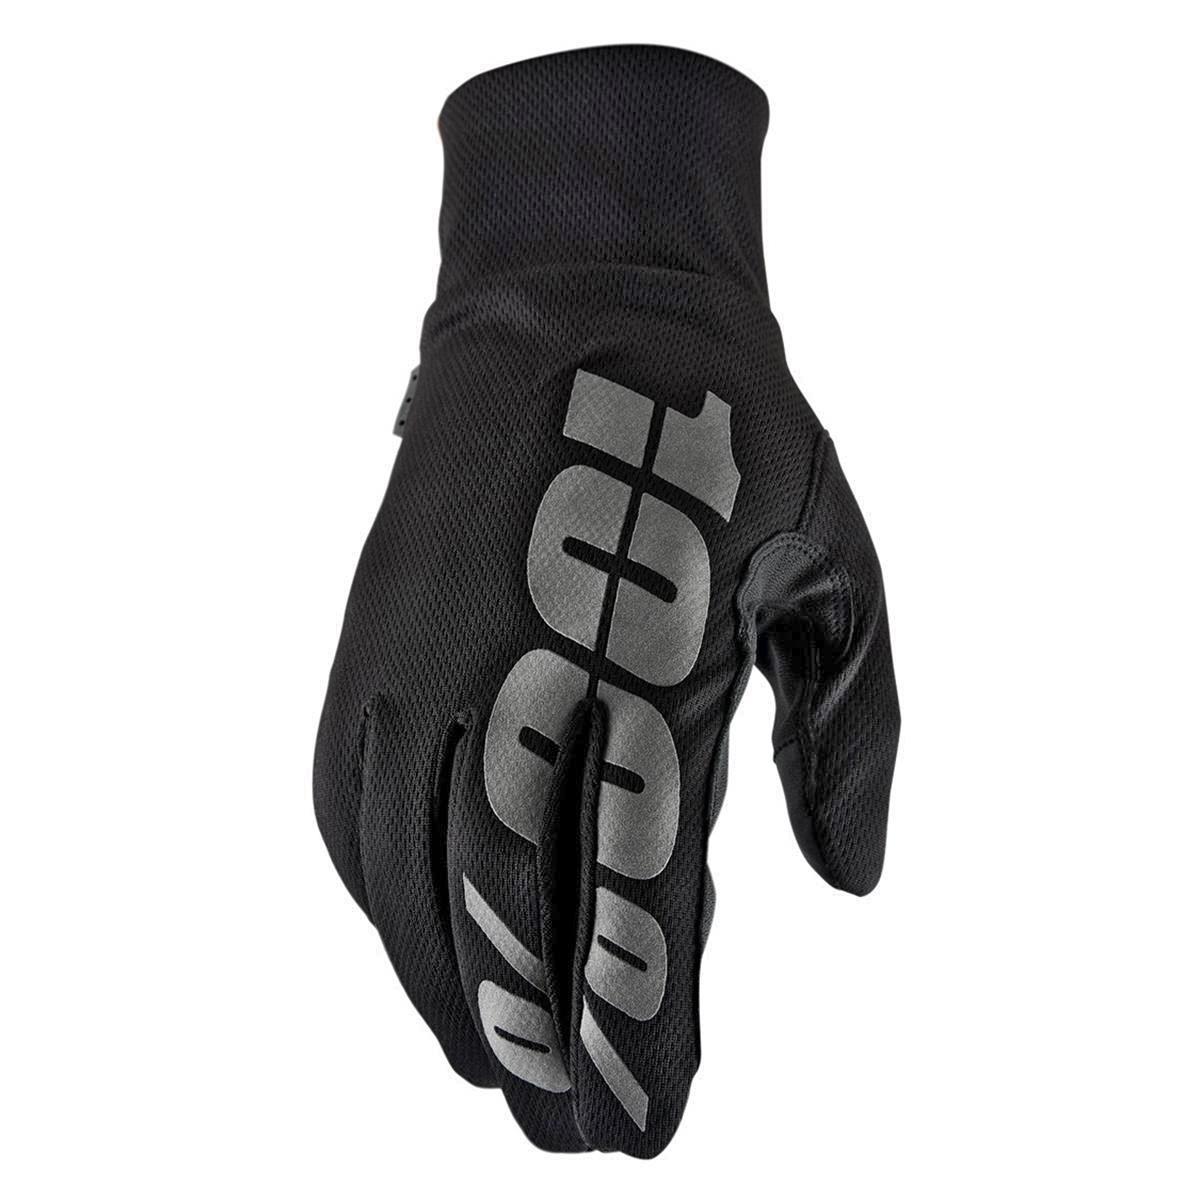 100% Bike-Handschuhe Hydromatic Waterproof Schwarz